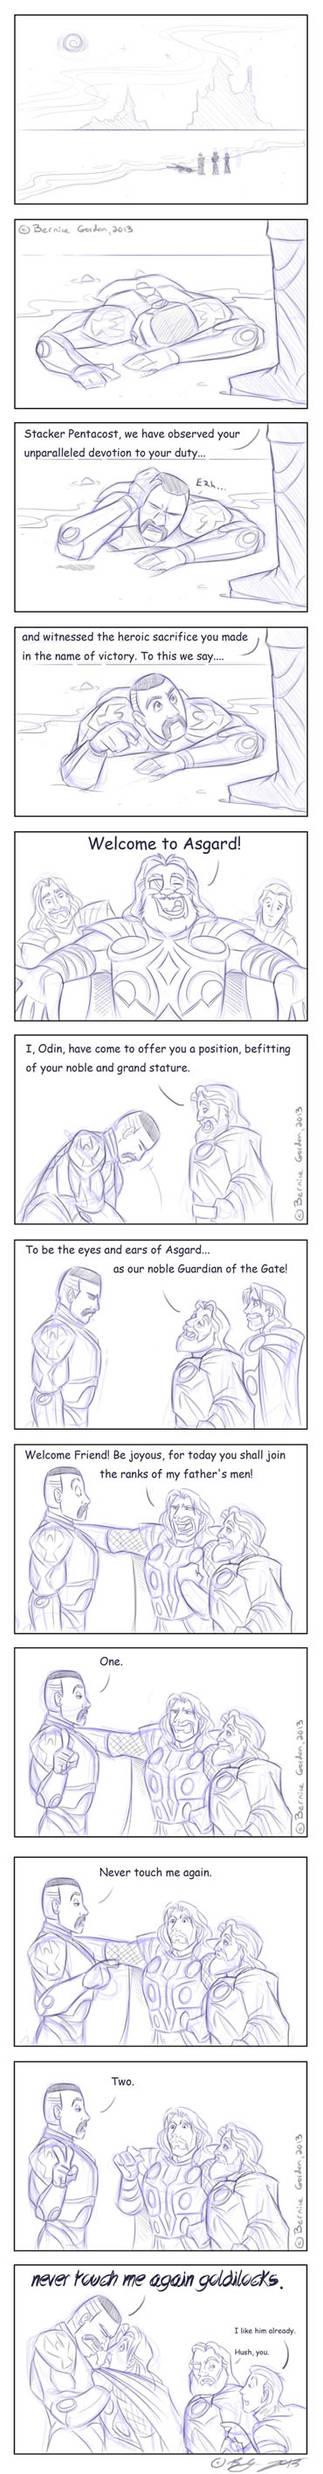 Pacific Rim - Thor crossover: Goldilocks